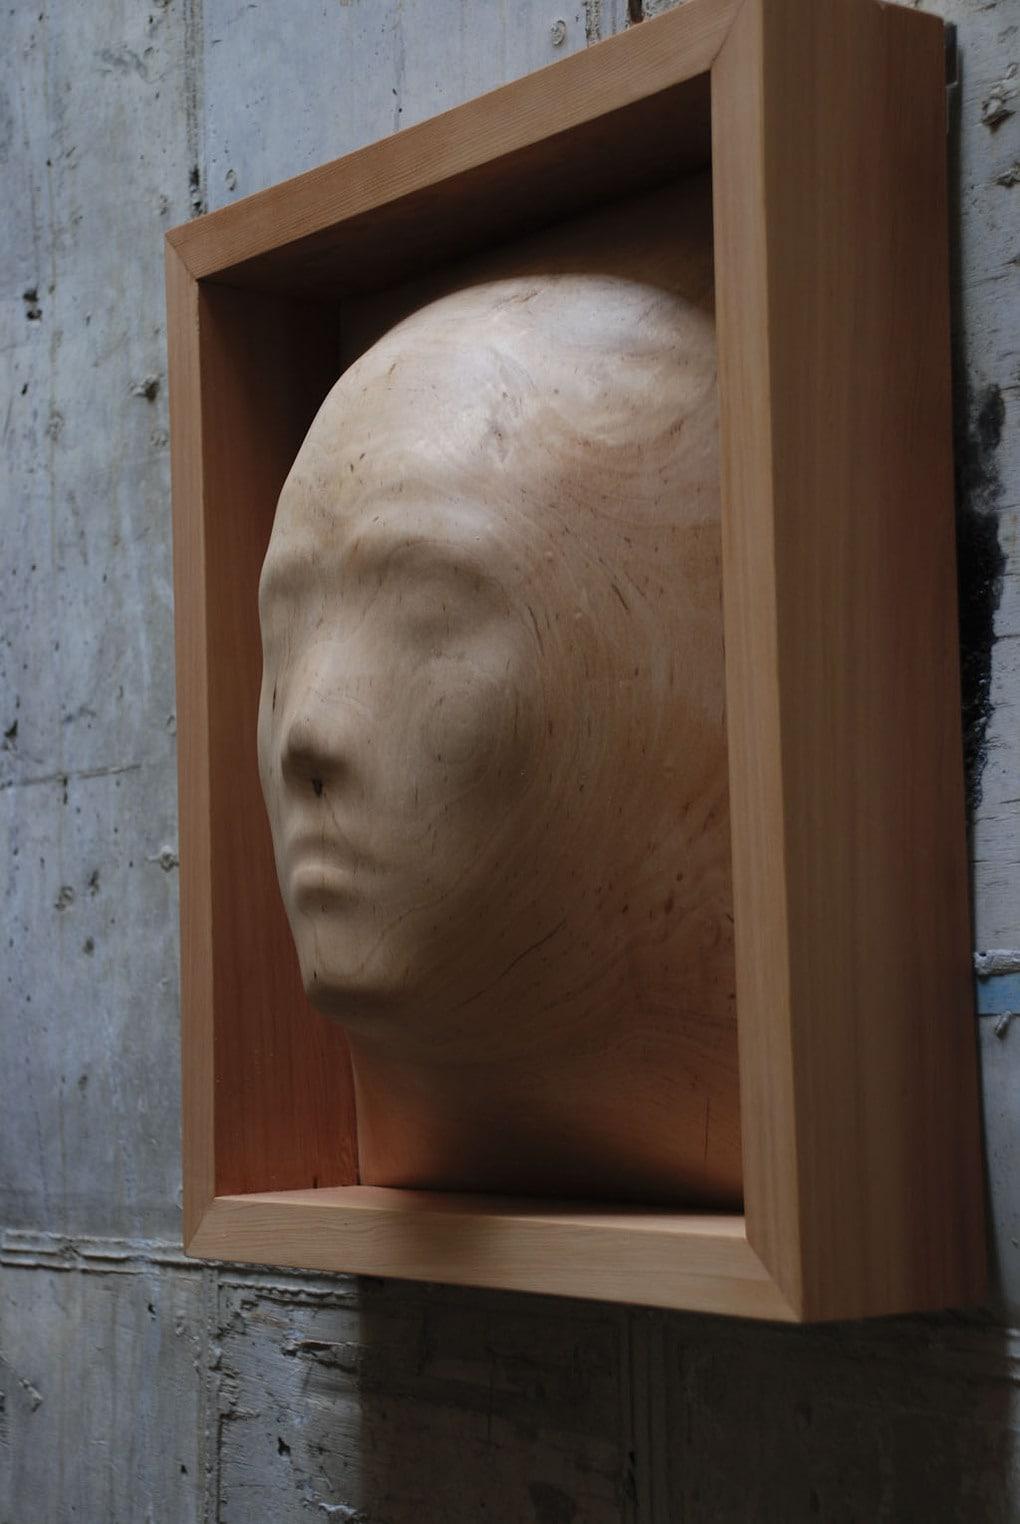 self portrait1 1 - Тайваньский художник создаёт пугающие скульптуры из дерева, в которых как будто застряли люди